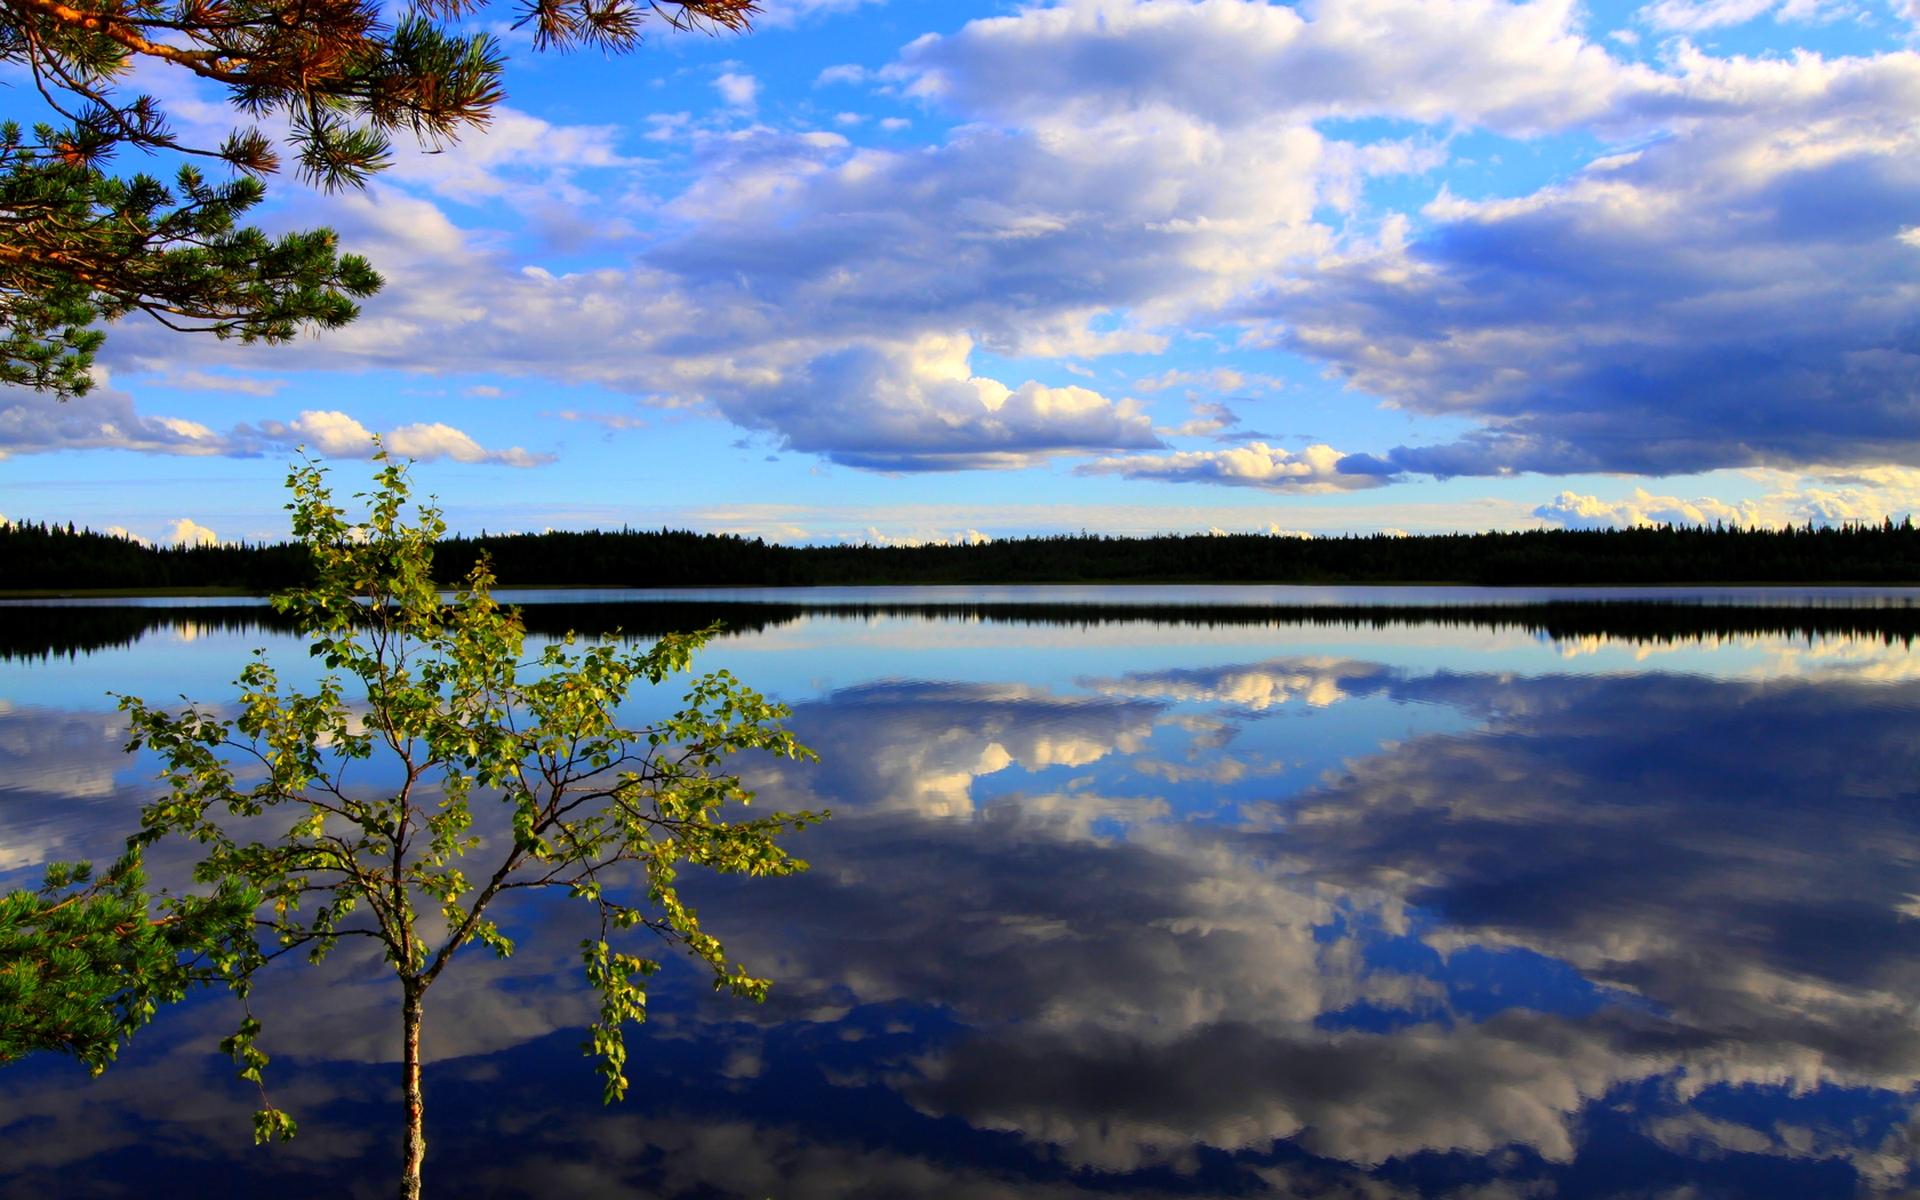 blue lake wallpaper 4k - photo #20